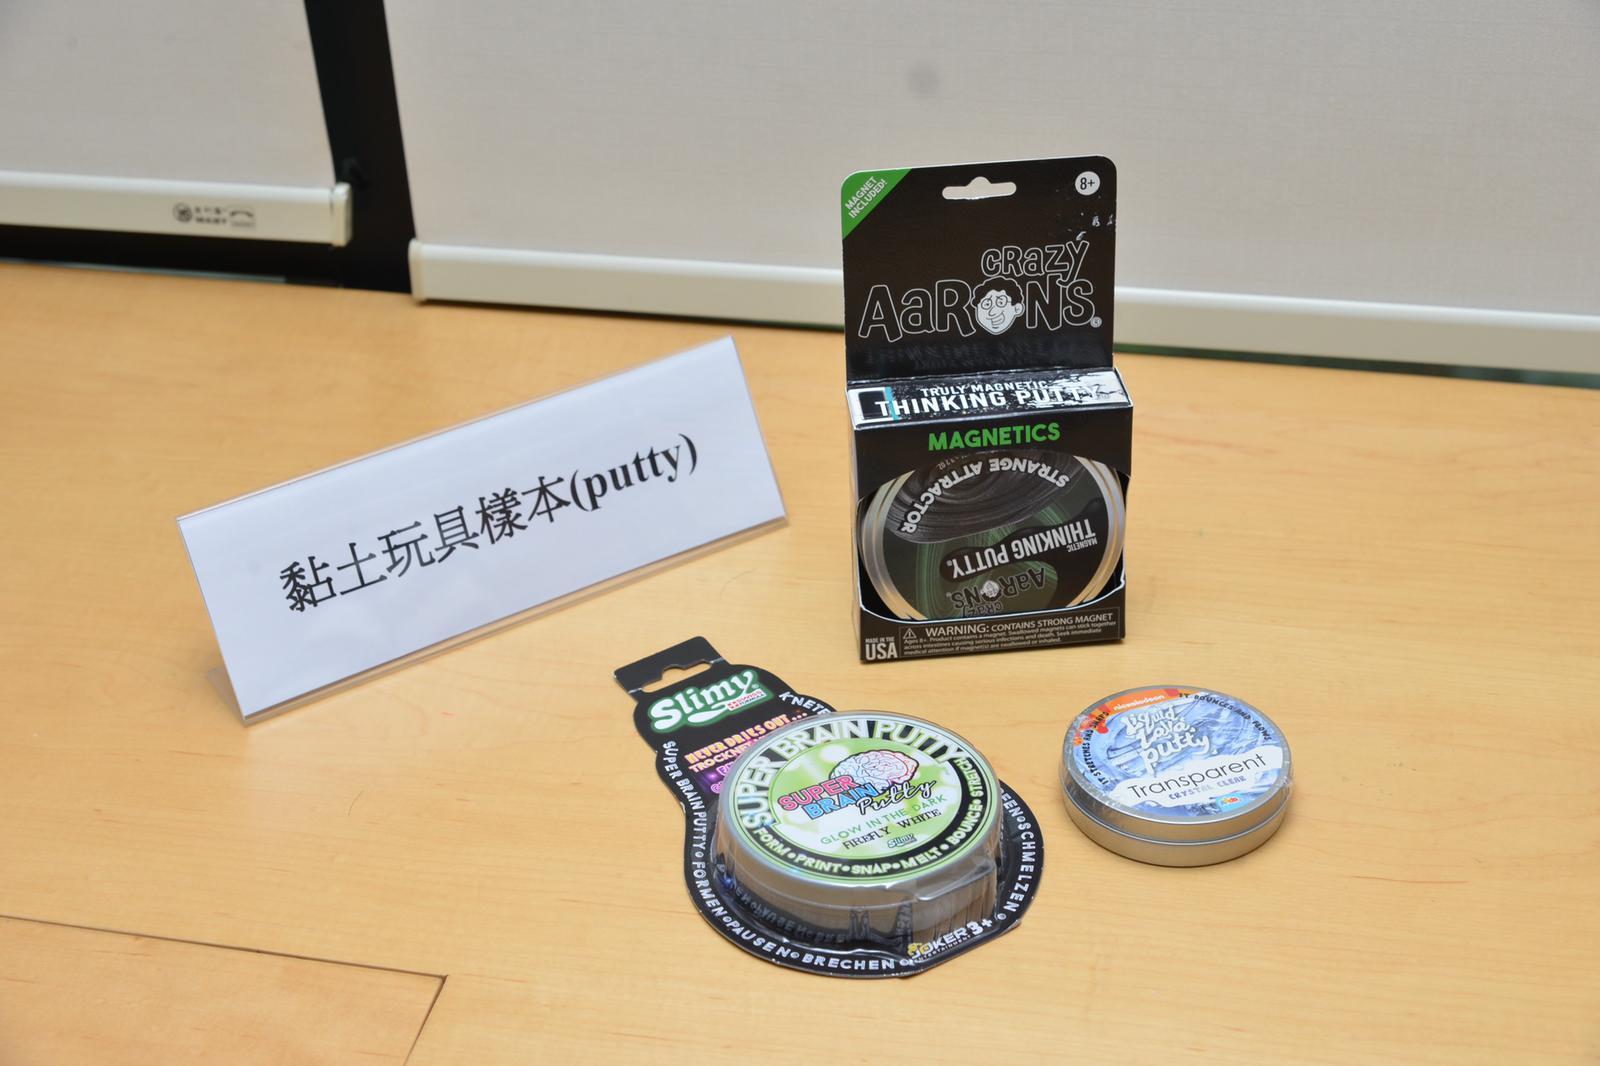 消委會測試市面上20款俗稱「鬼口水」及黏土玩具的樣本。